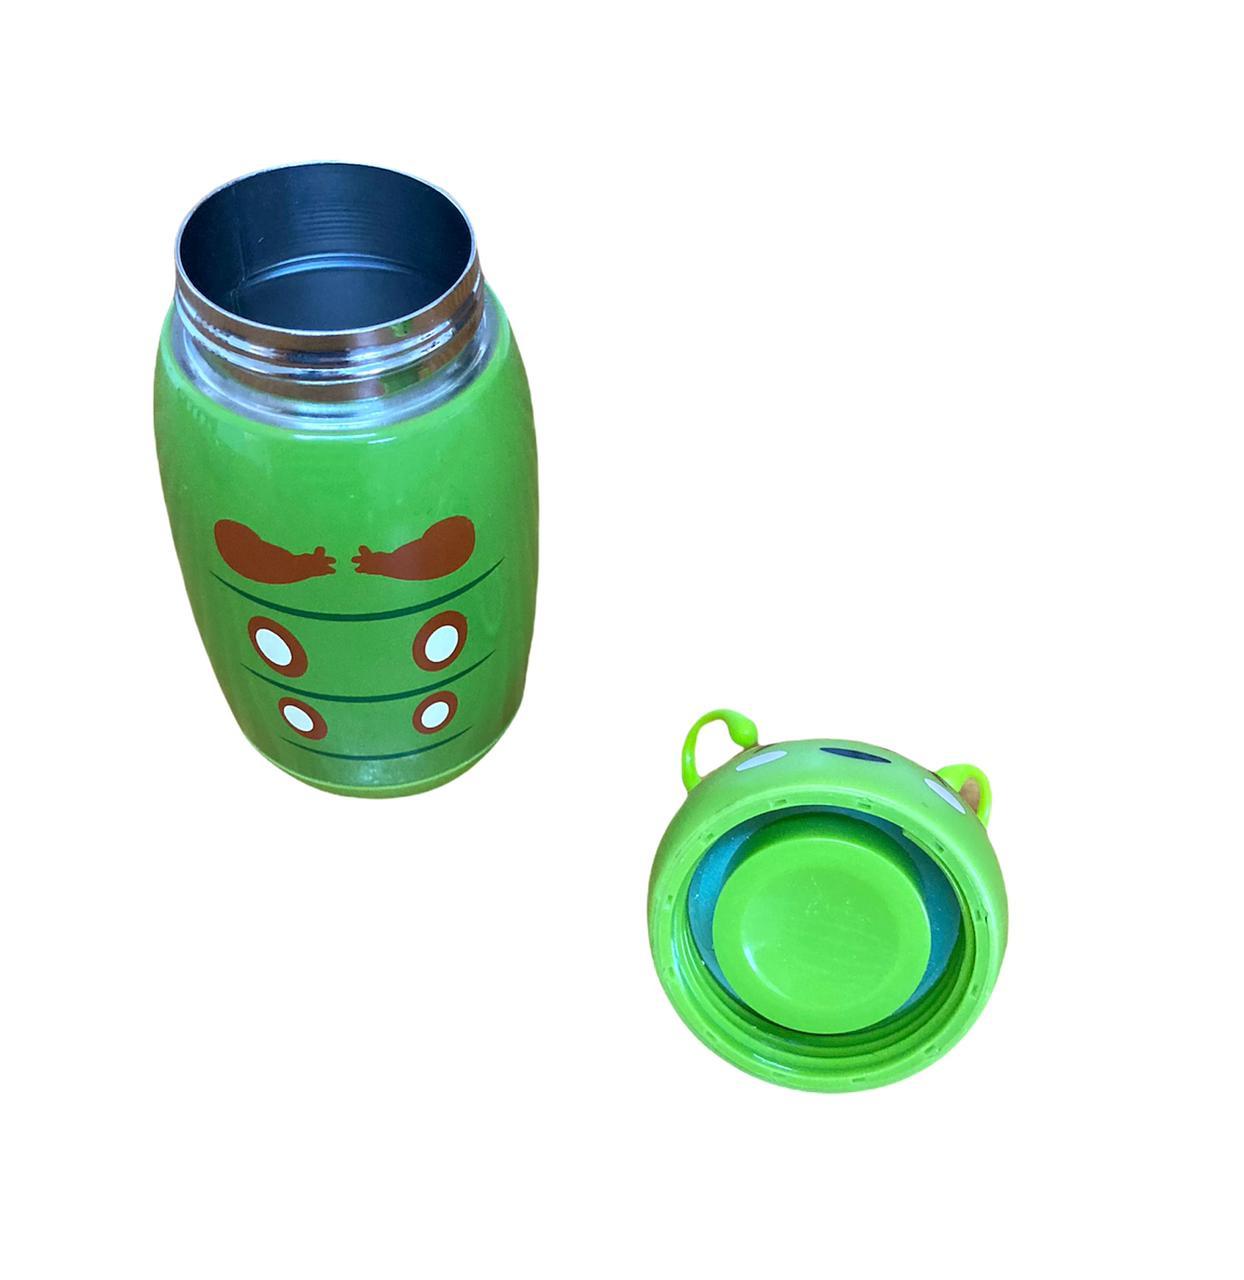 Garrafa Inox Bichinho Verde - 220 ml